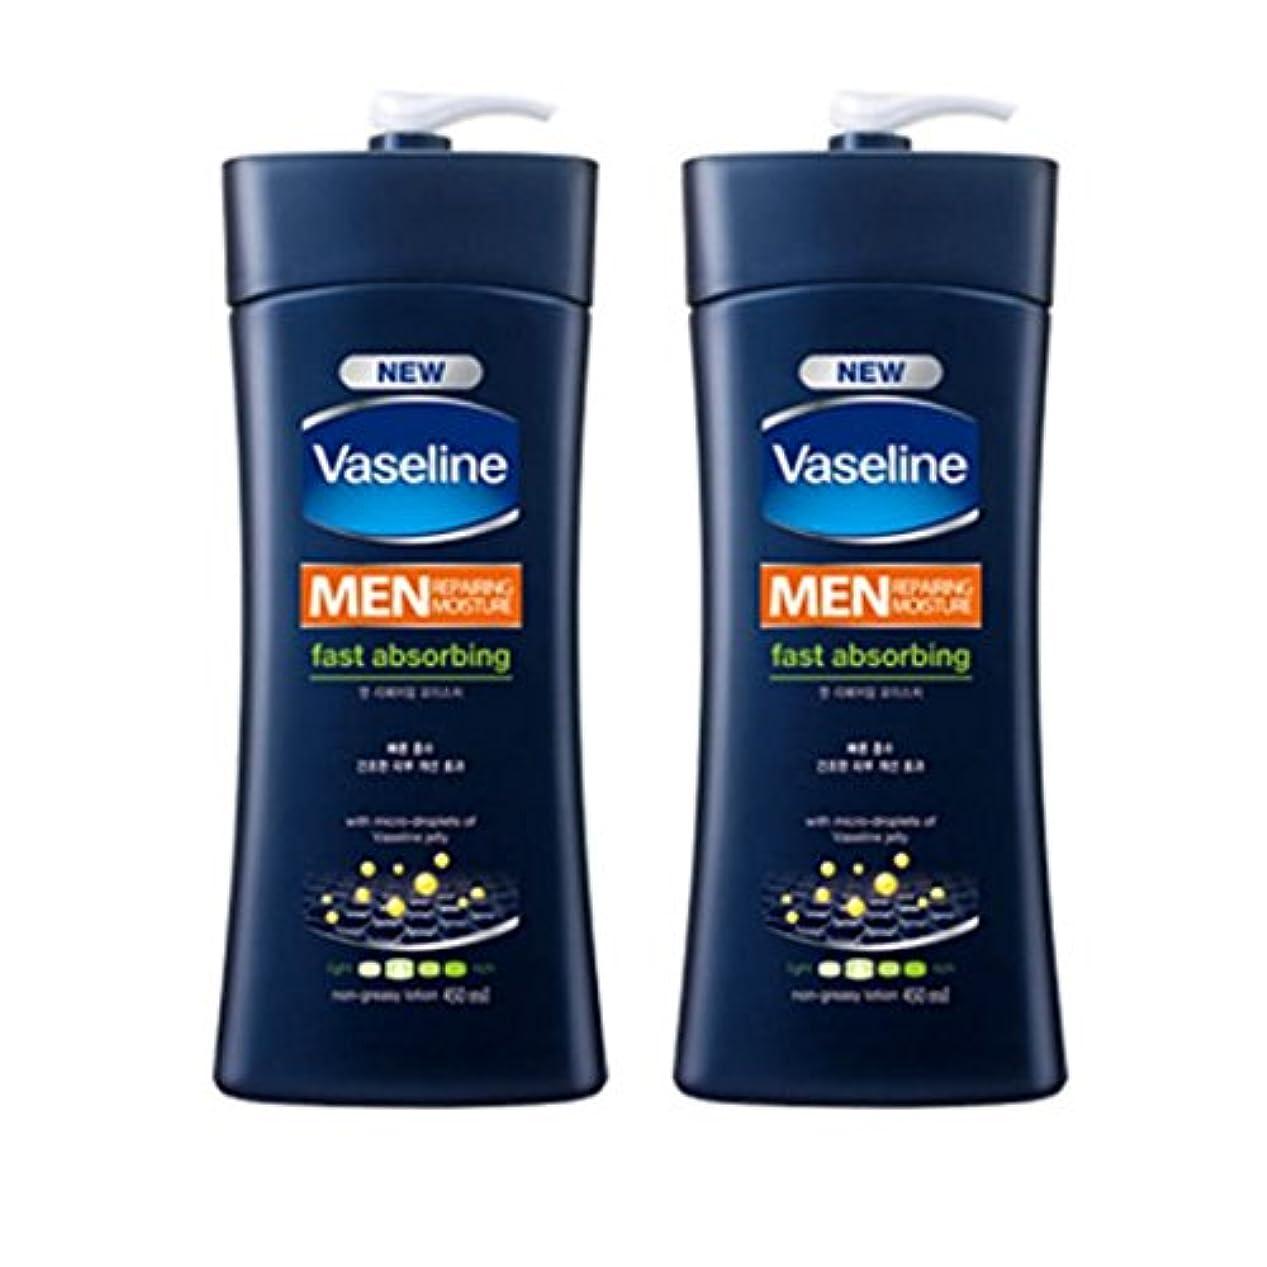 障害早める爆弾ヴァセリン メンズ リペアリング モイスチャーローション(Vaseline Man Repairing Moisture Lotion) 450ml X 2個 [並行輸入品]